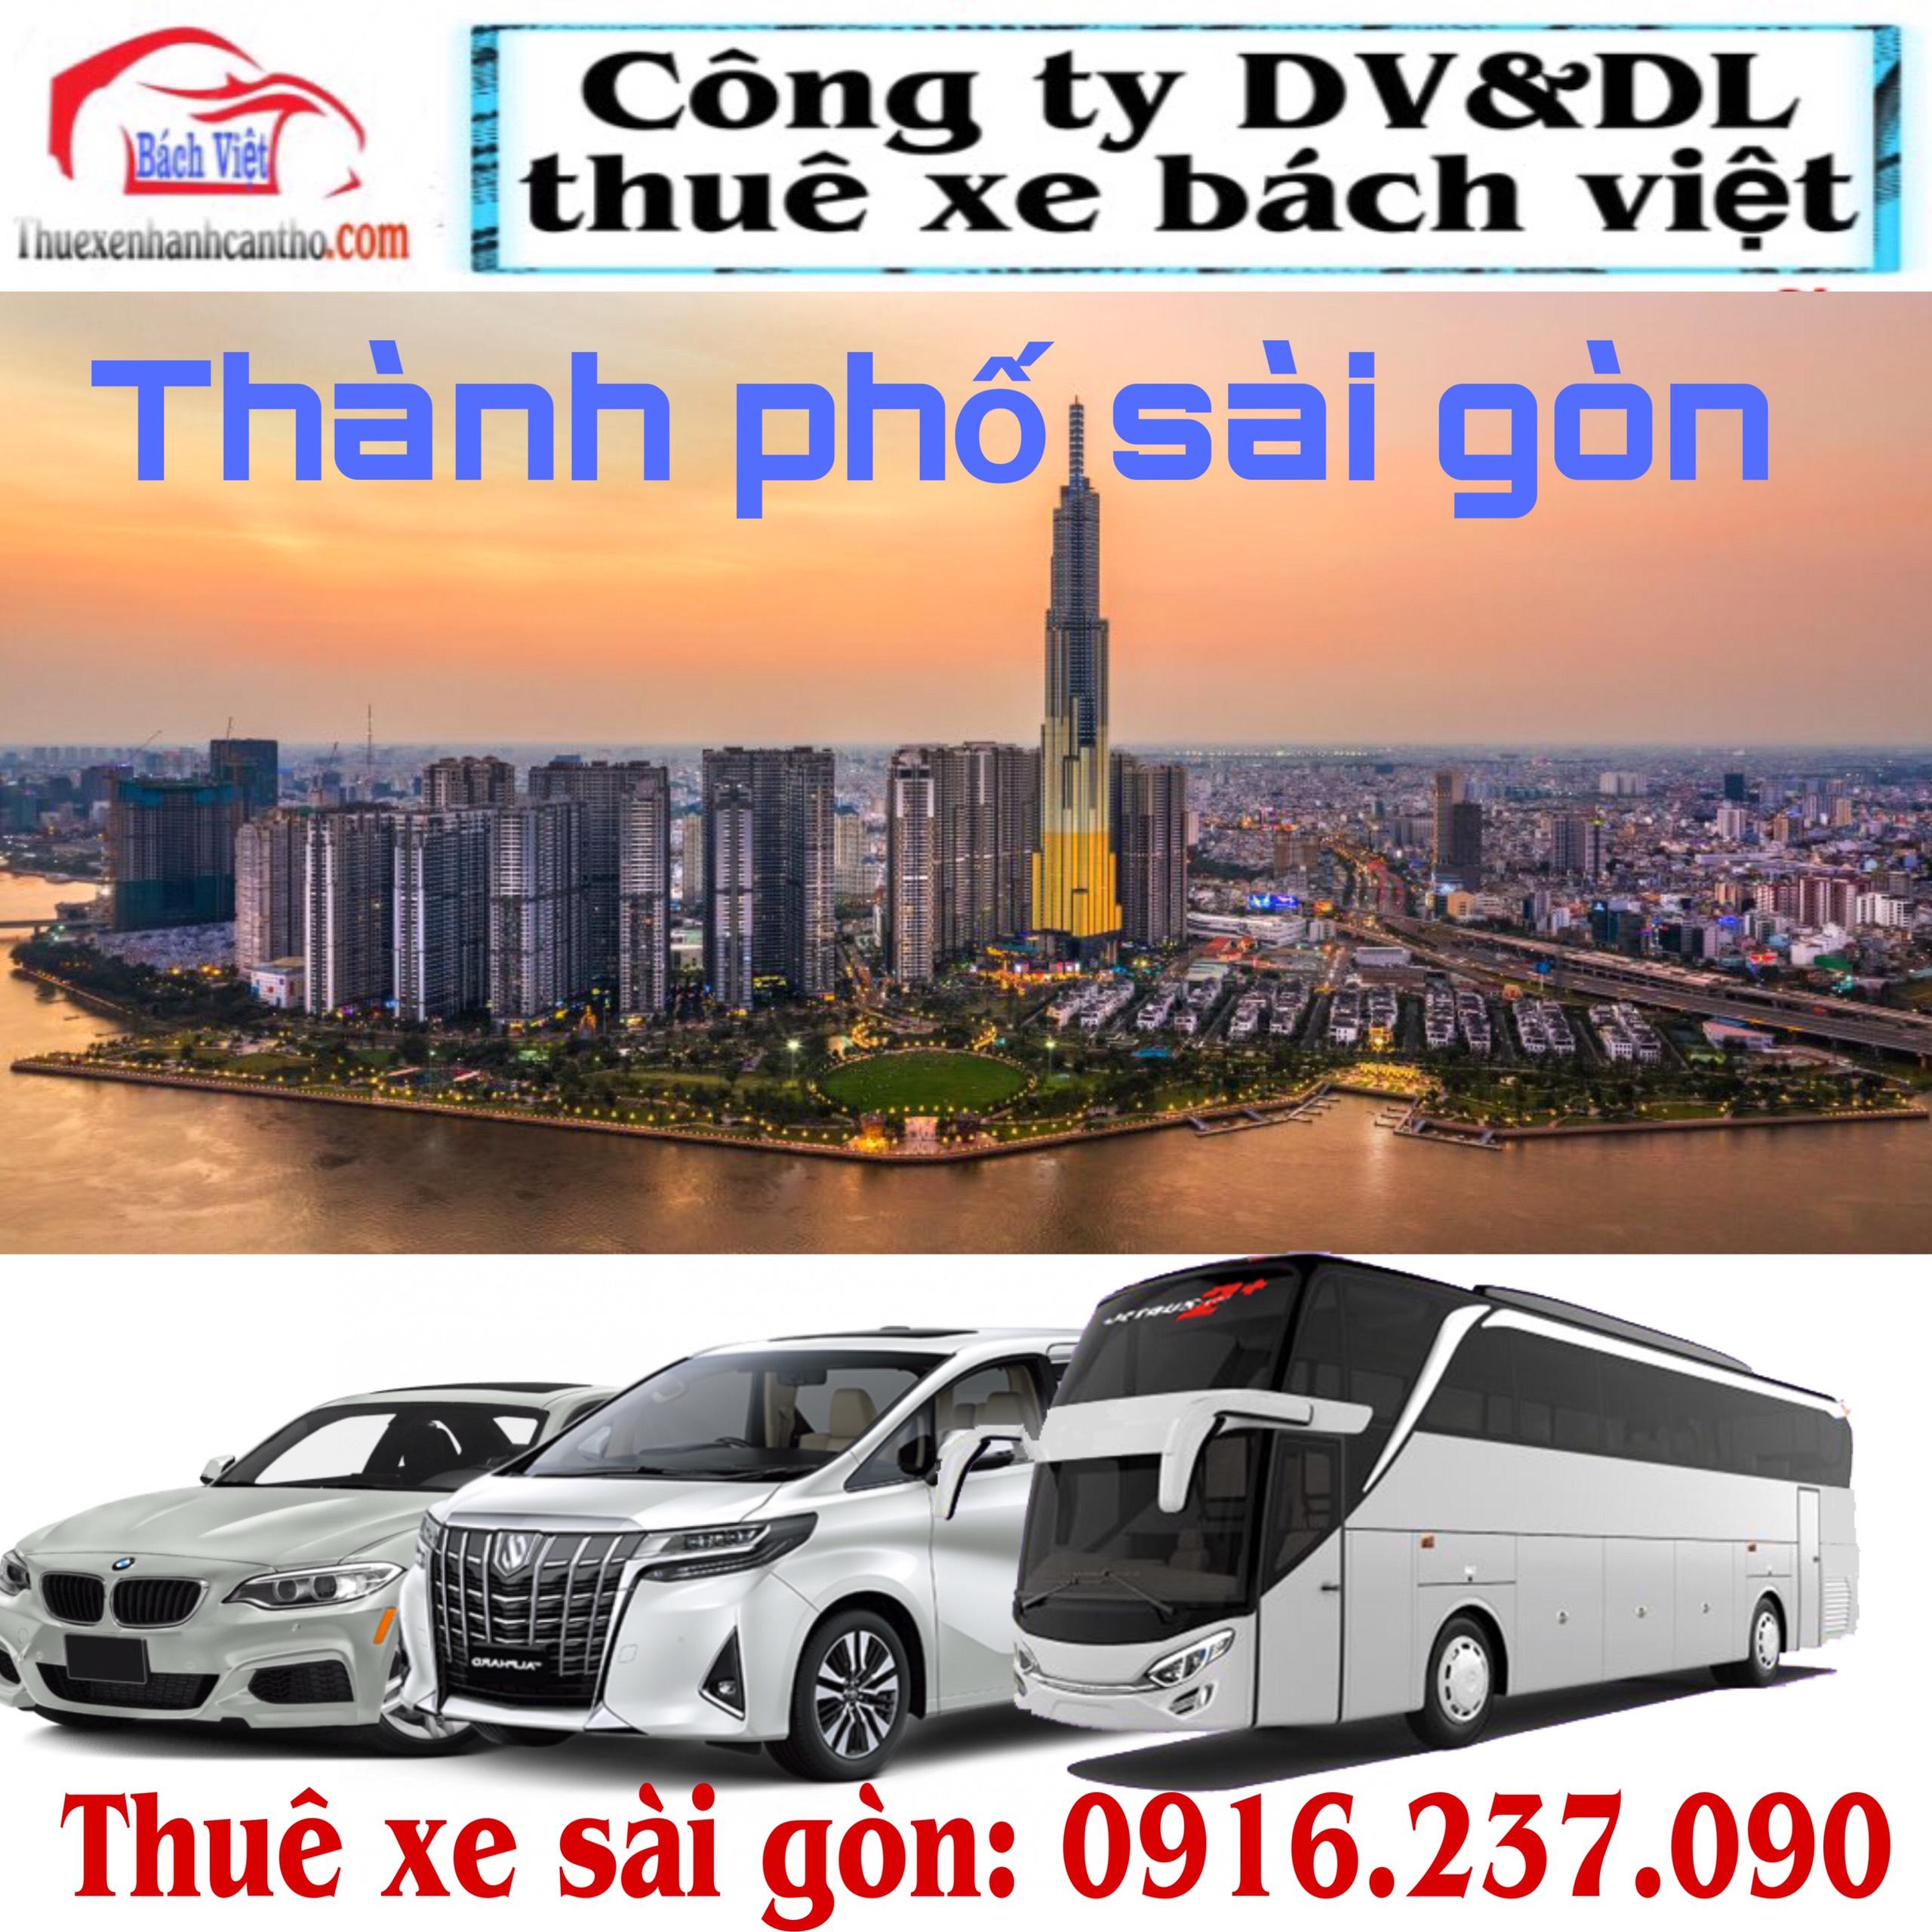 Thuê Xe Sài Gòn